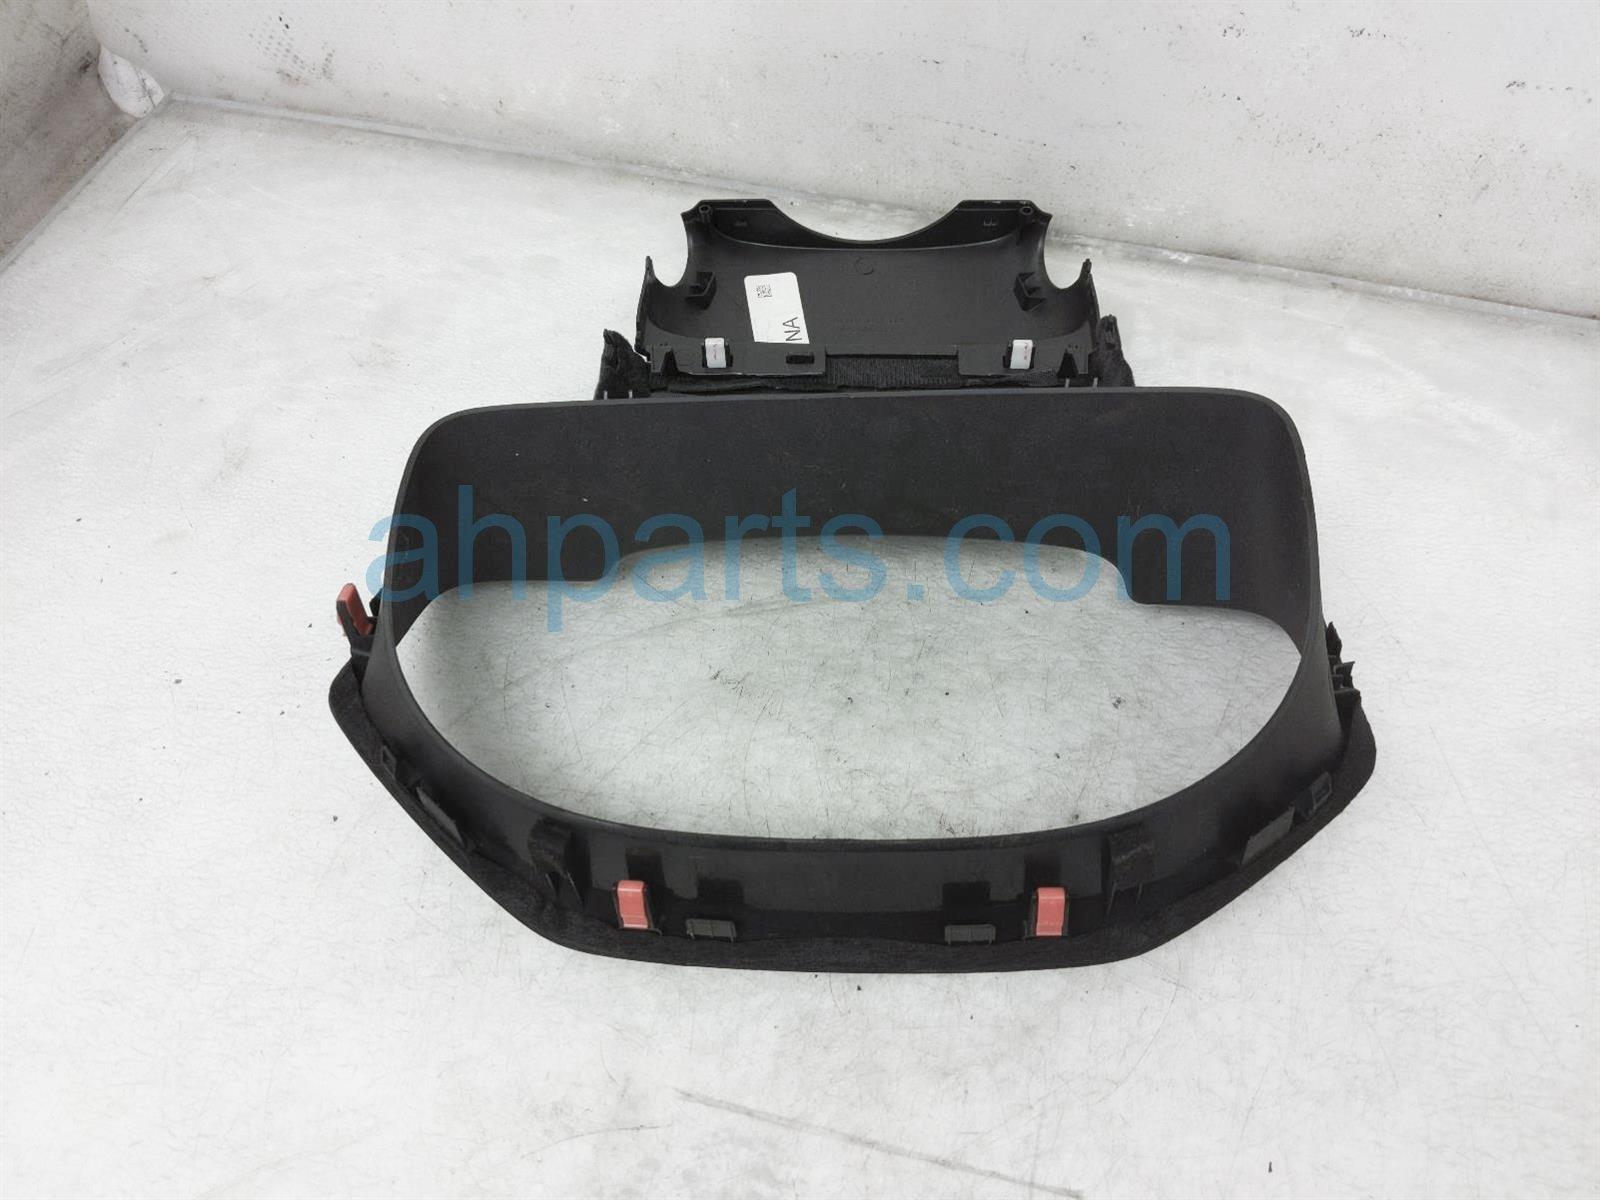 2019 Honda Pilot Speedometer Bezel Trim 77201 TG7 A02 Replacement